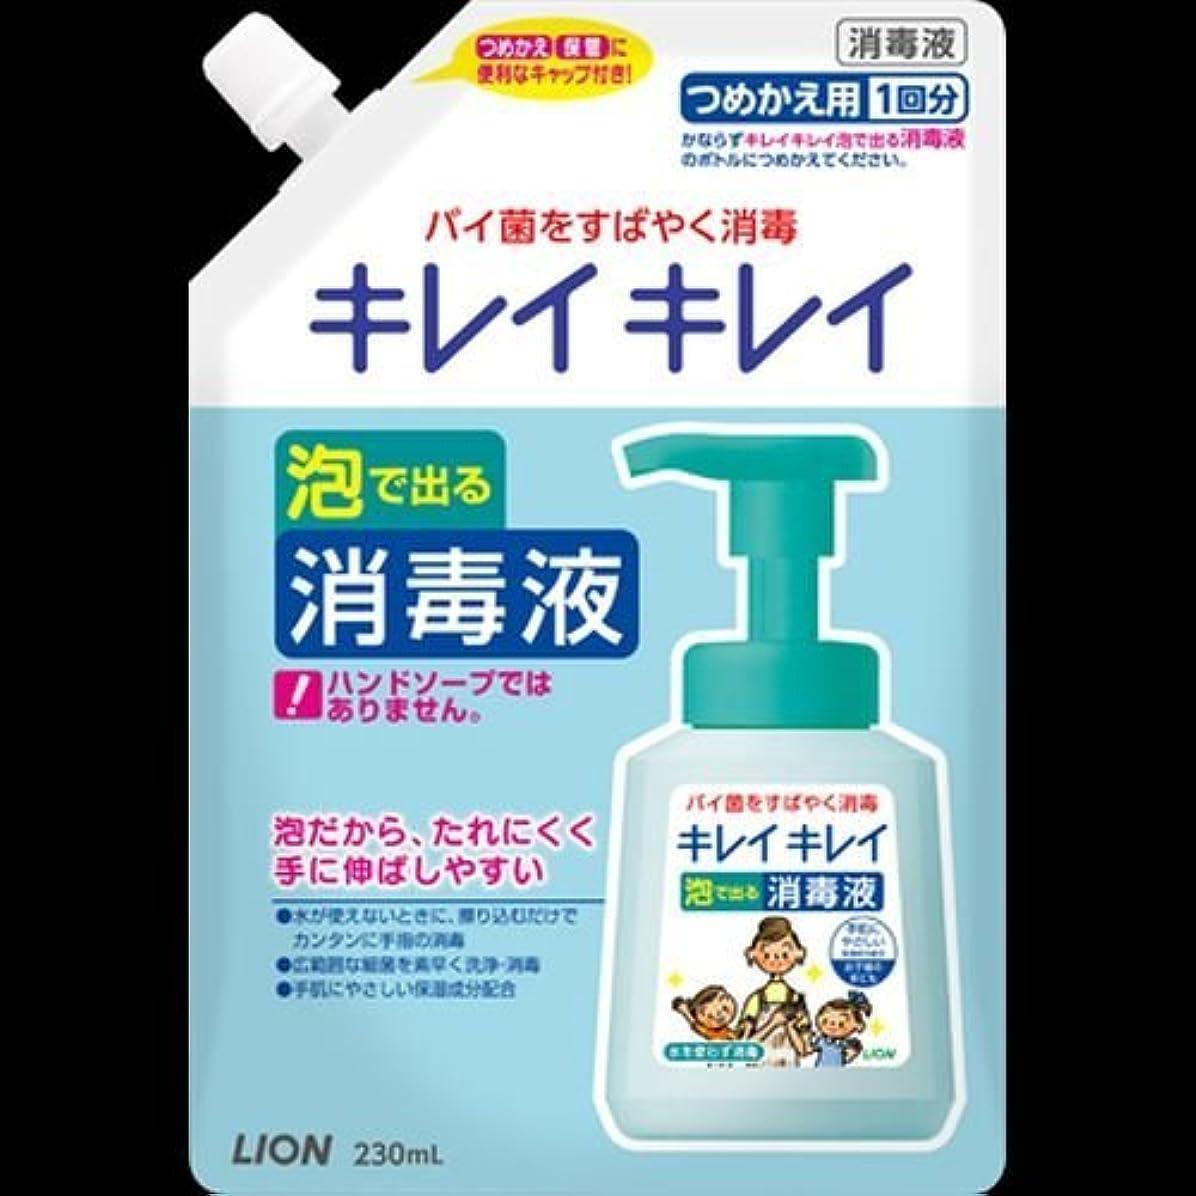 抵抗力がある影のある深さキレイキレイ 薬用泡ででる消毒液 つめかえ用 230mL ×2セット